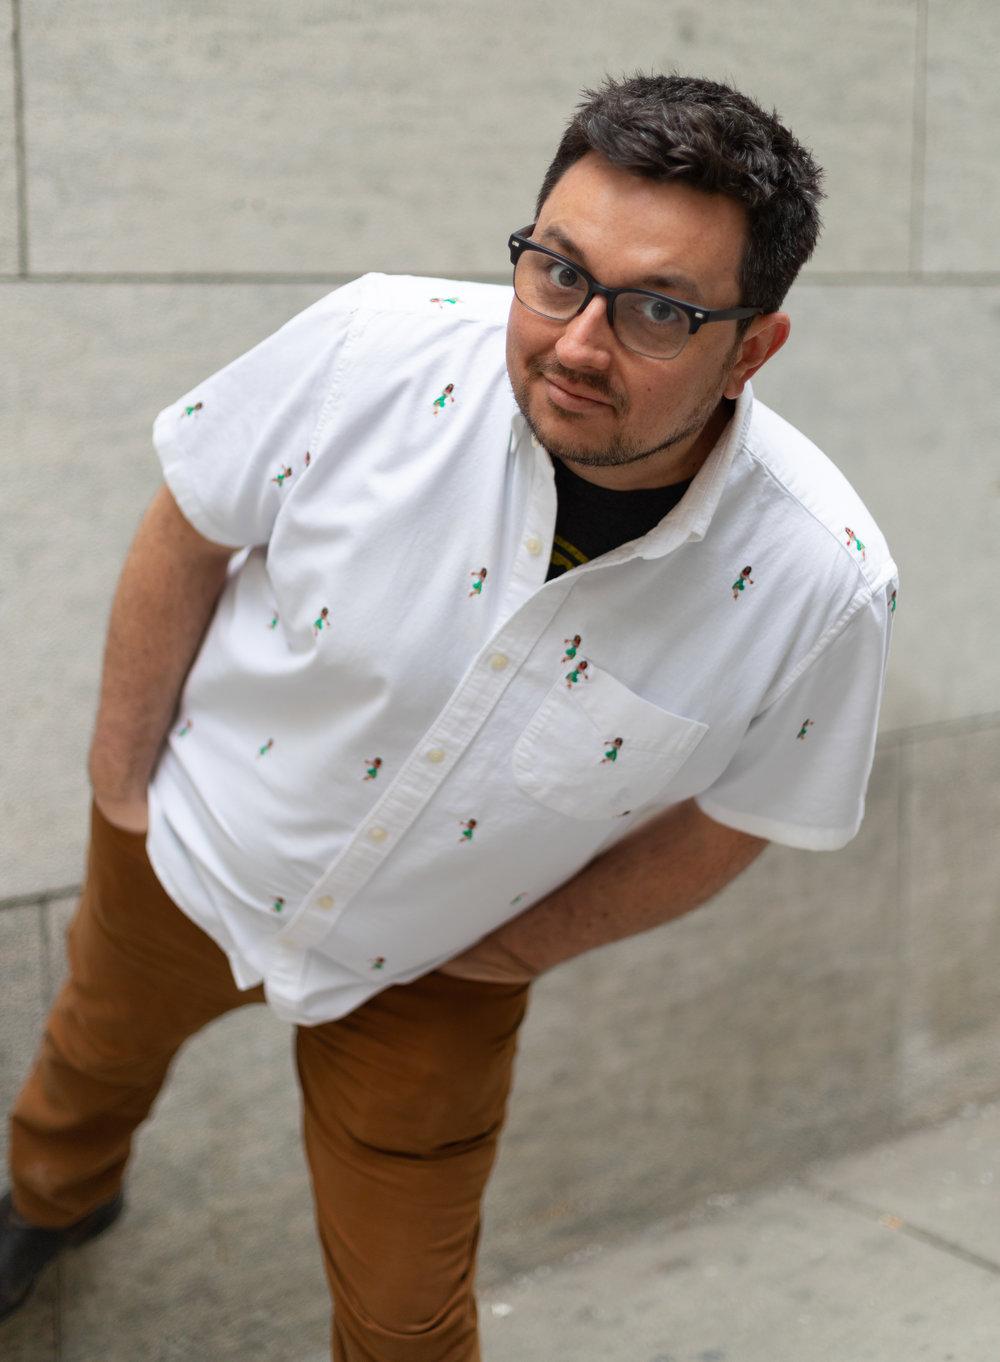 I'd rather be divisive than indecisive. - - Lin Manuel-Miranda